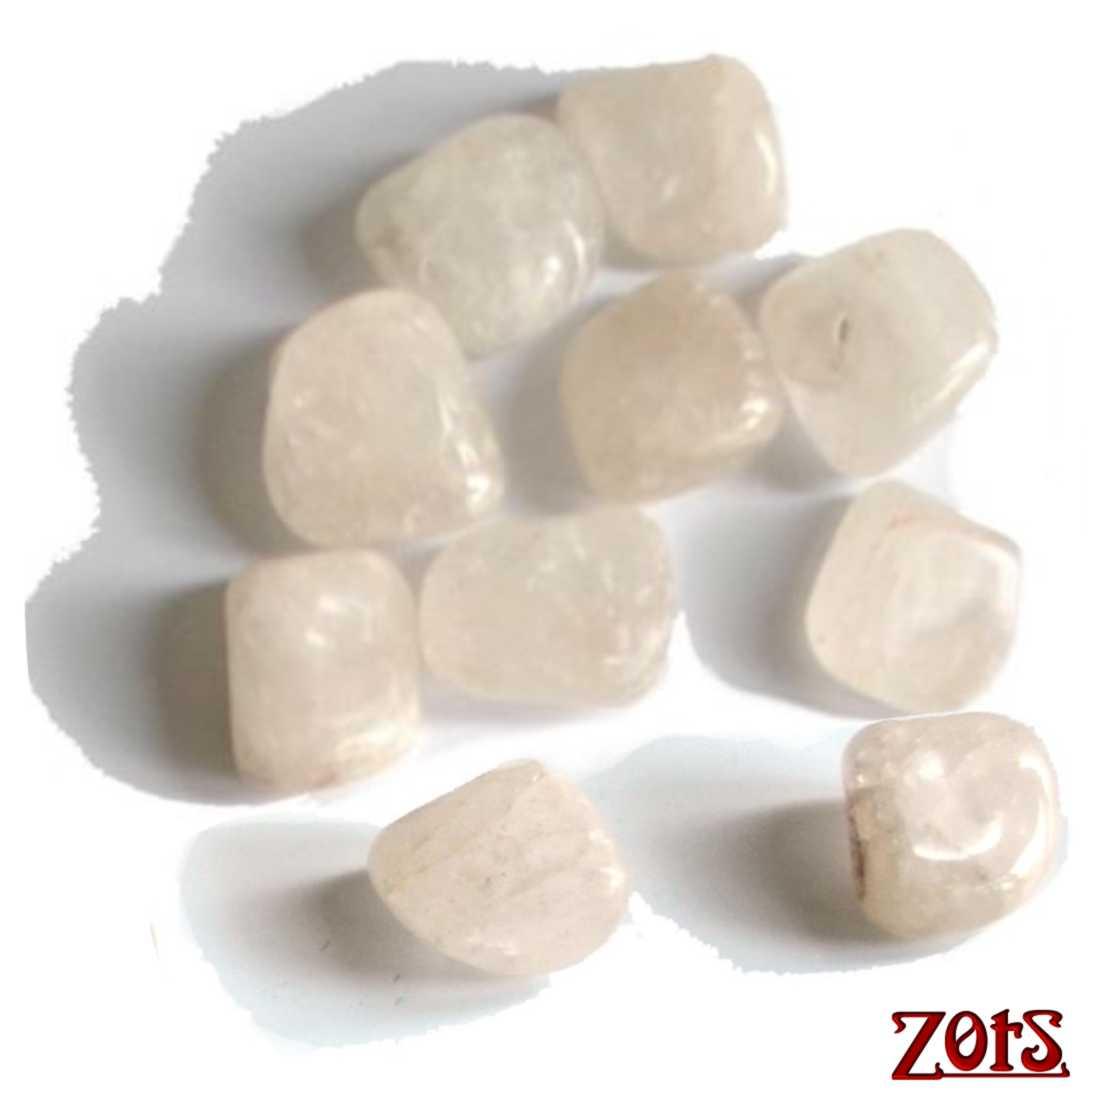 Kit 10 Pedras Frias Quartzo Leitoso  -  Zots